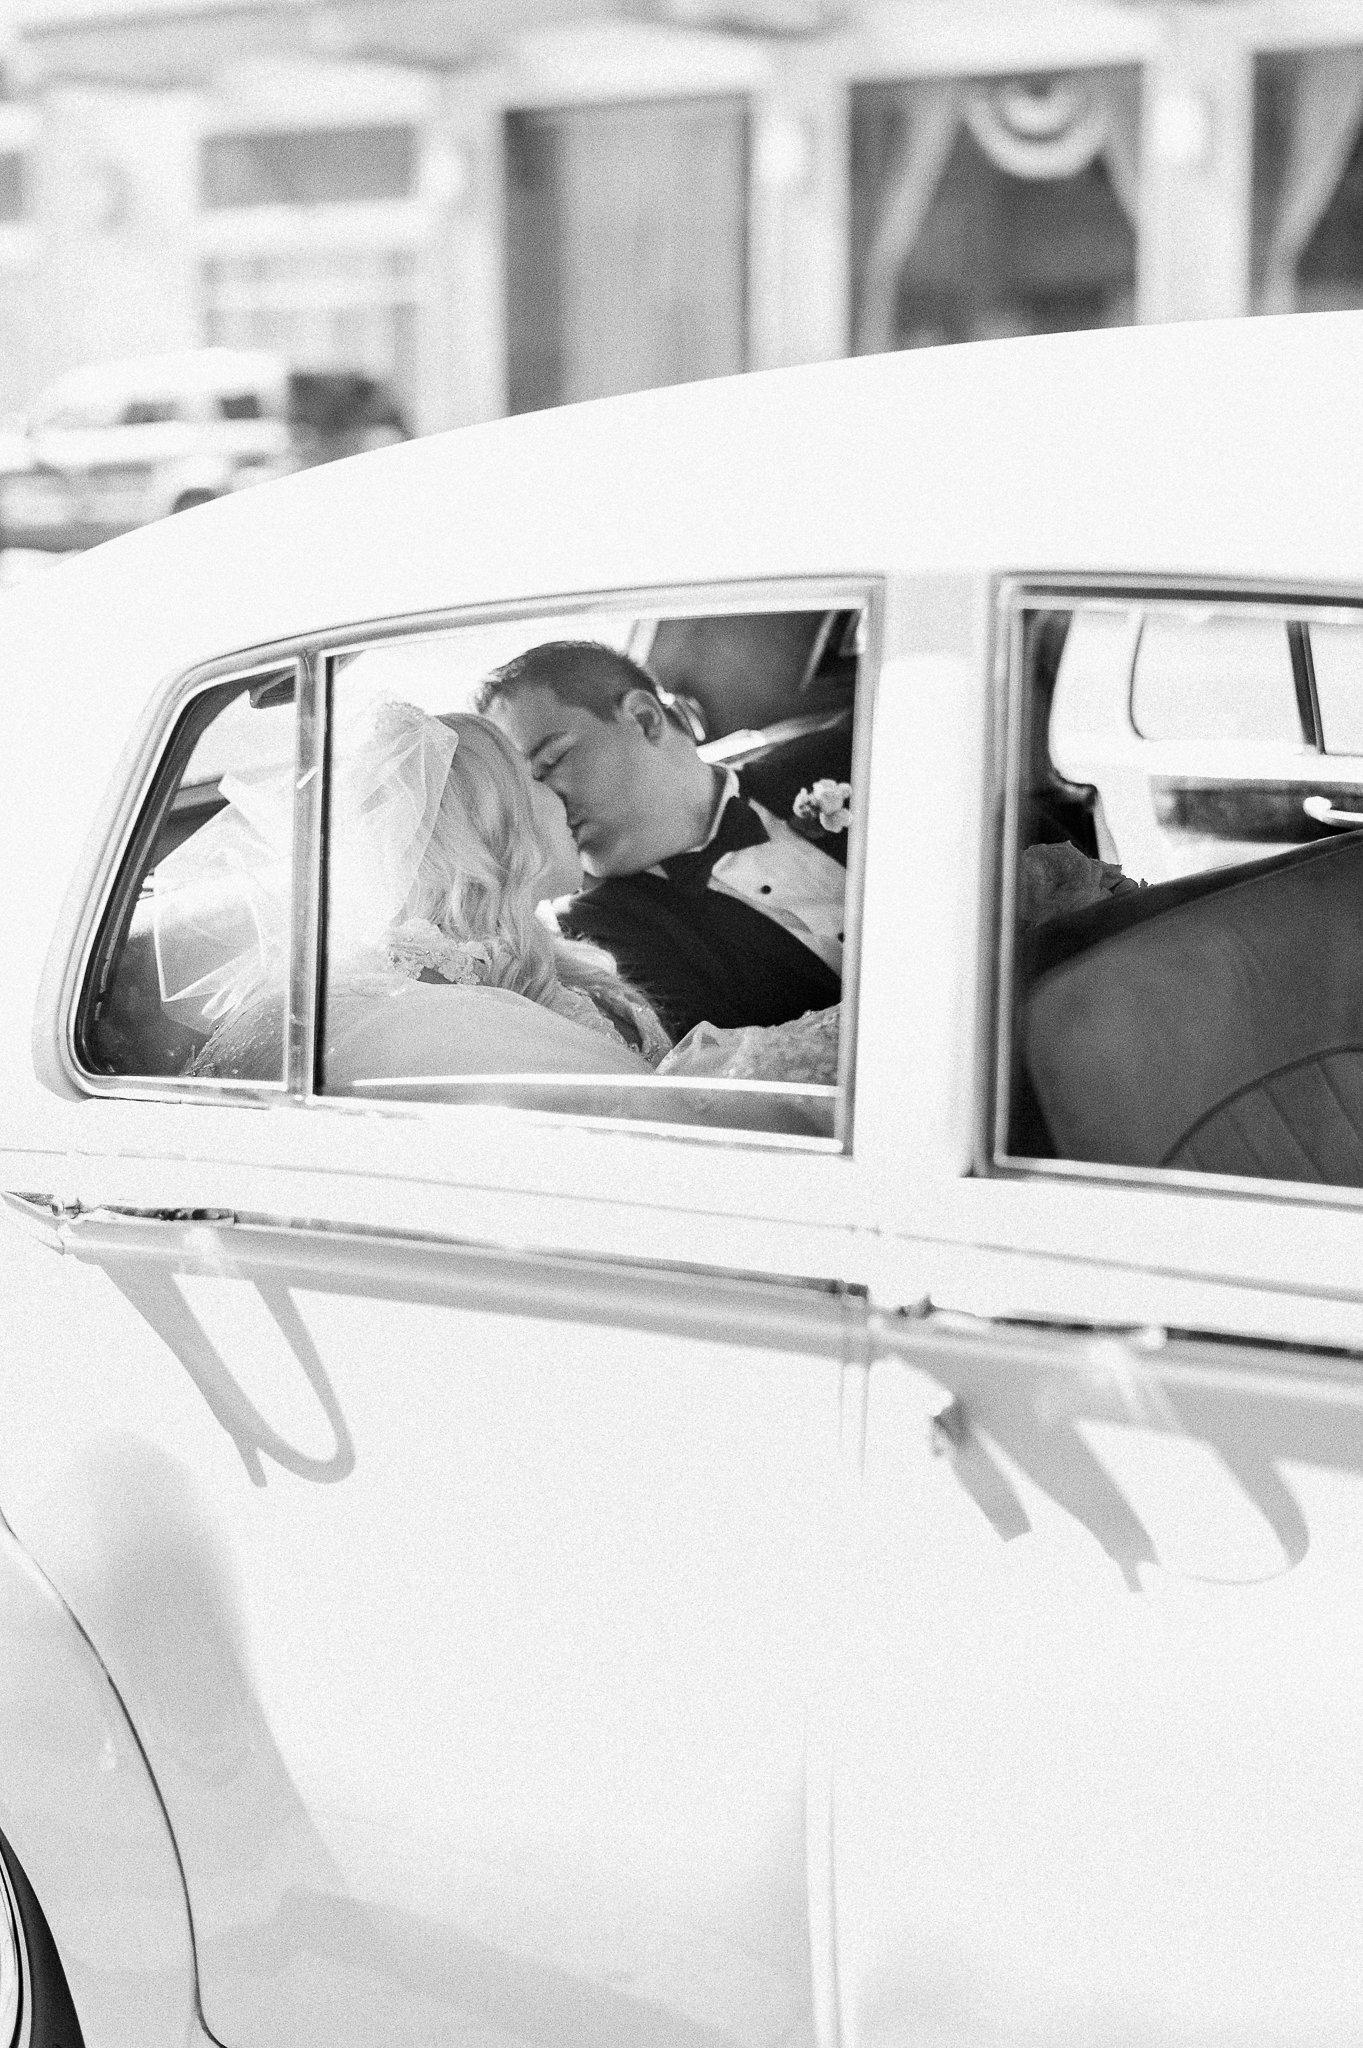 Elizabeth-Fogarty-Wedding-Photography-87.jpg